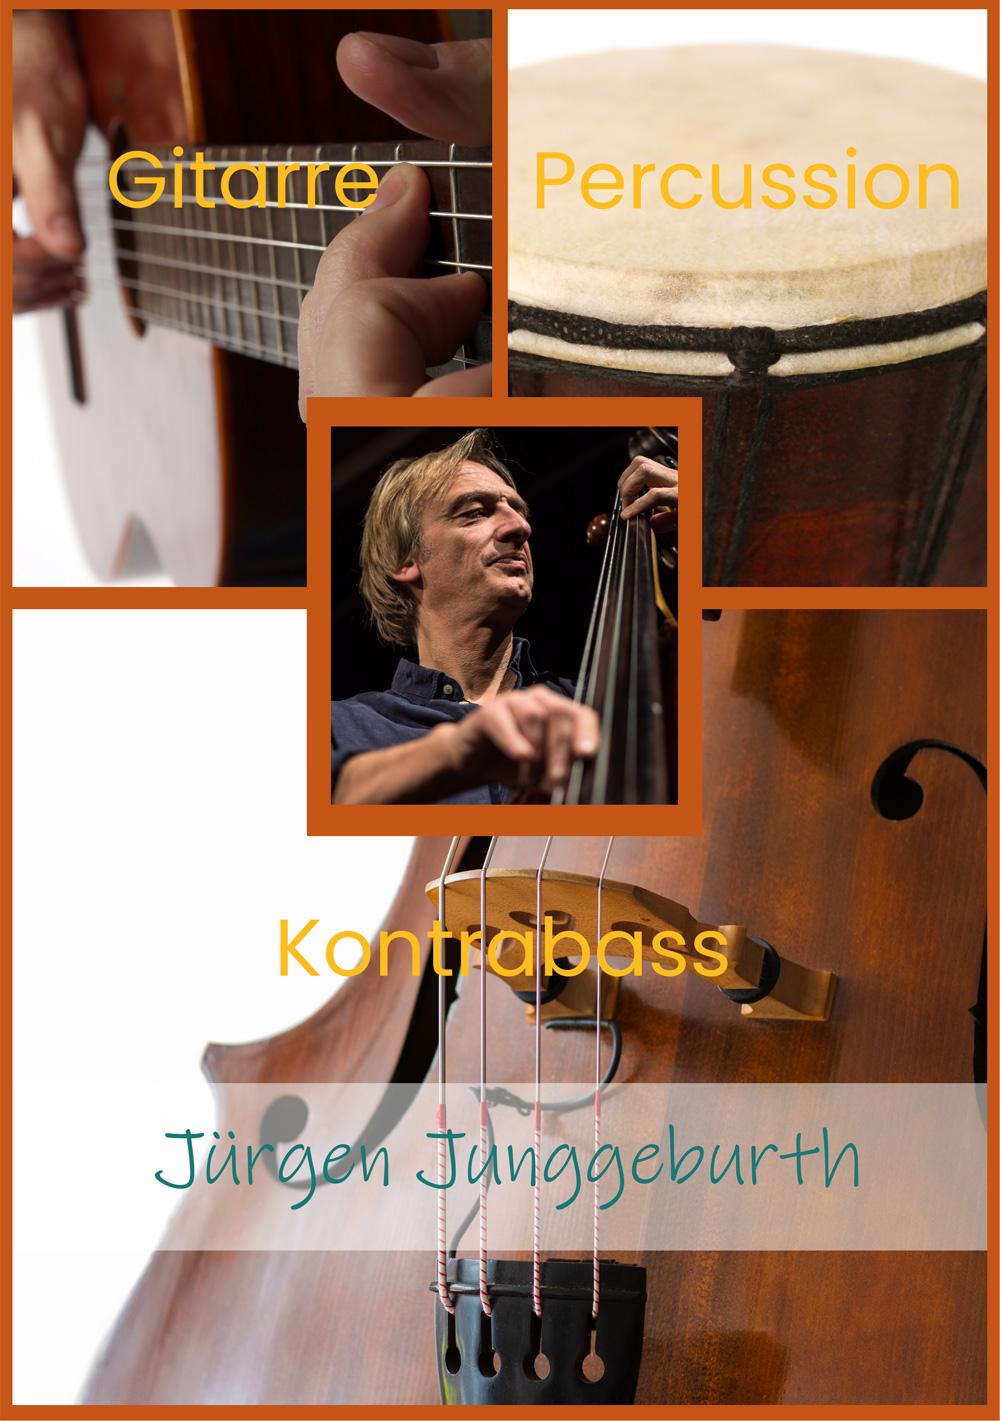 Jürgen Junggeburth